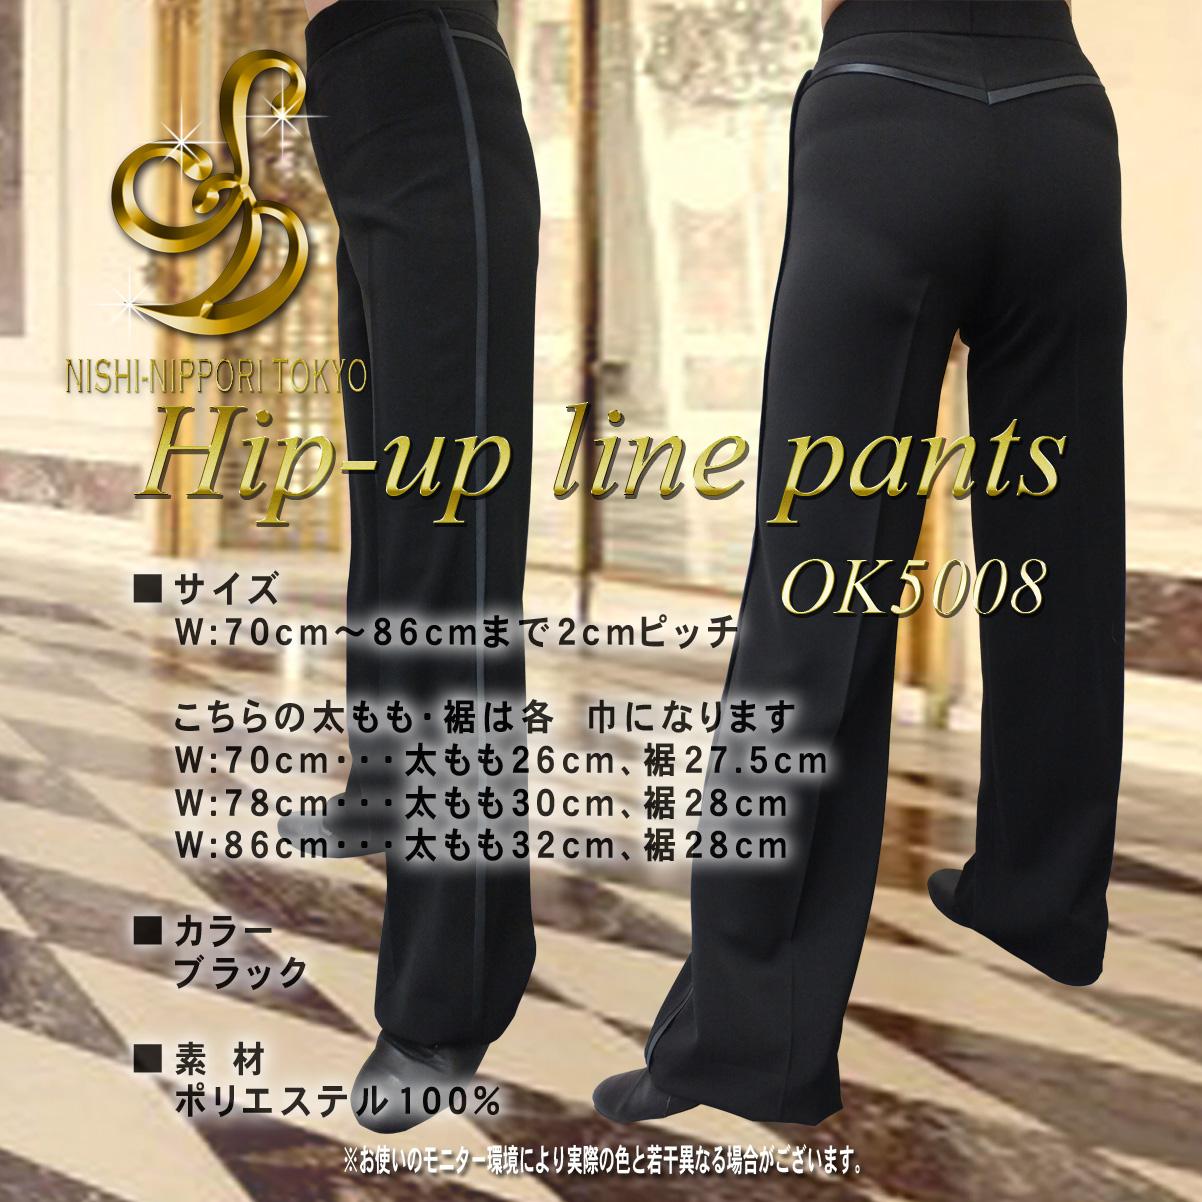 側章パンツ 側章ズボン side stripe pants ヒップアップラインパンツ OK5008